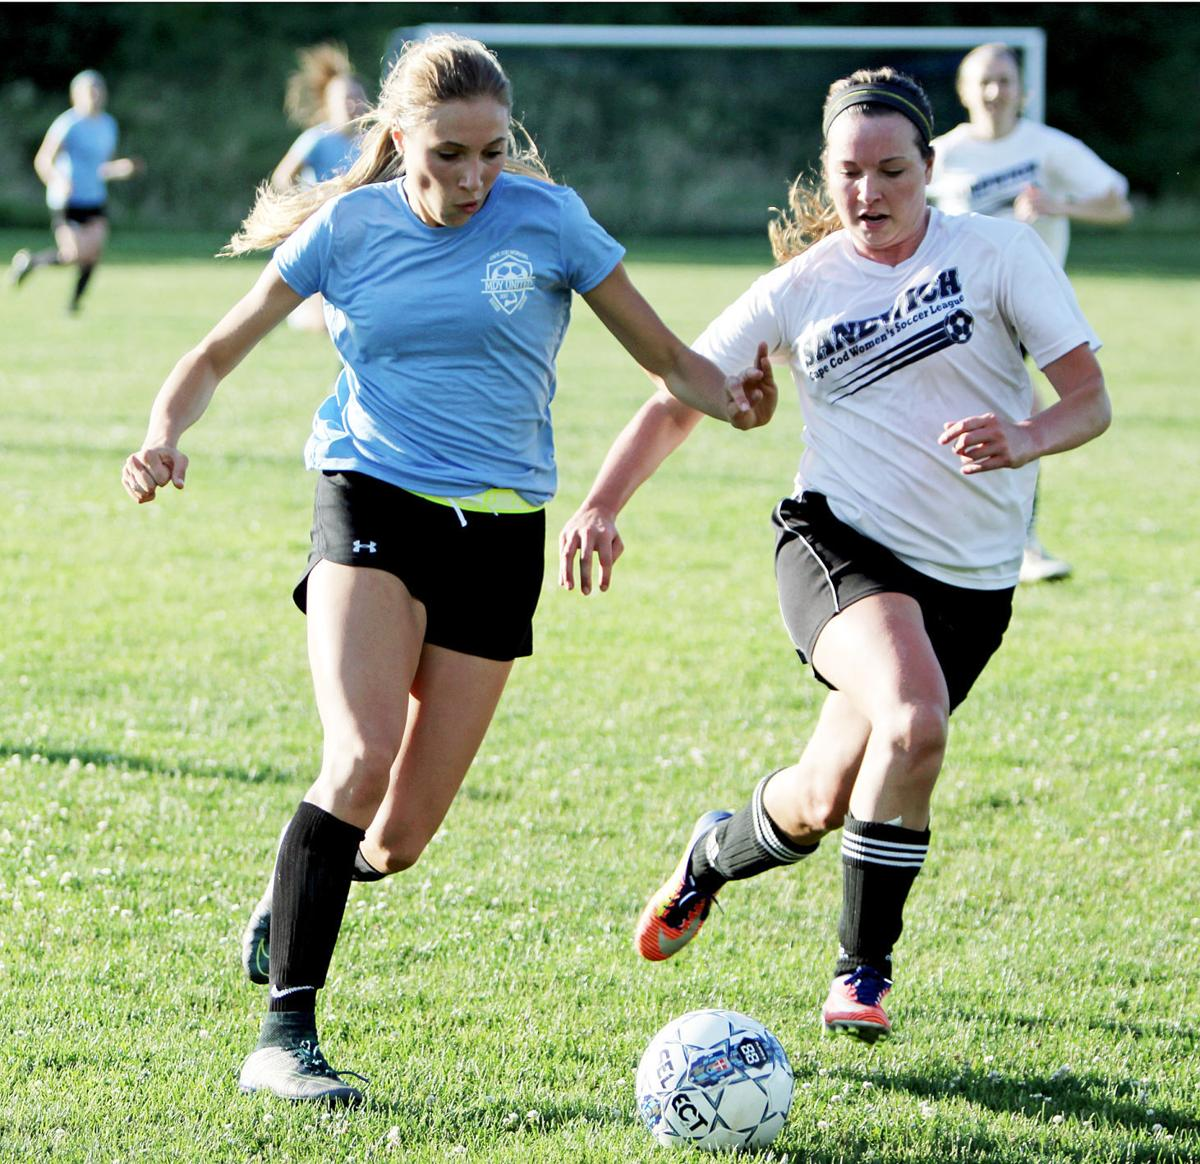 Cape Cod Women's Soccer Opens Summer Season